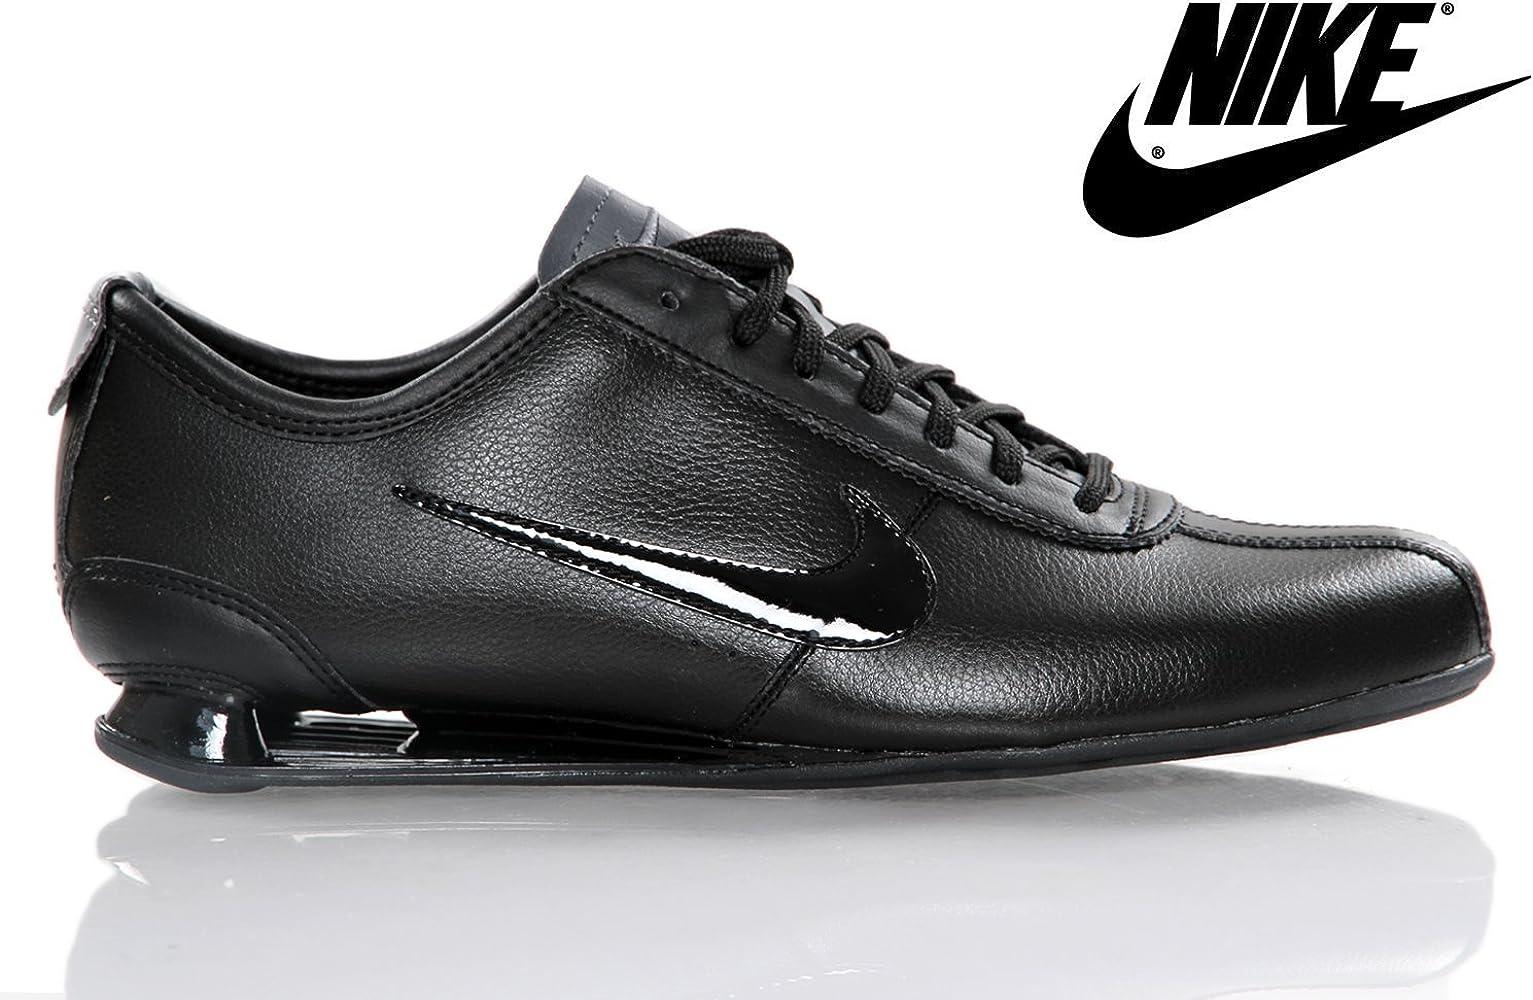 nouveau concept 8b6ed 1a87f Nike SHOX RIVALRY-47.5-13 316317-091-47.5-13 Noir: Amazon.fr ...